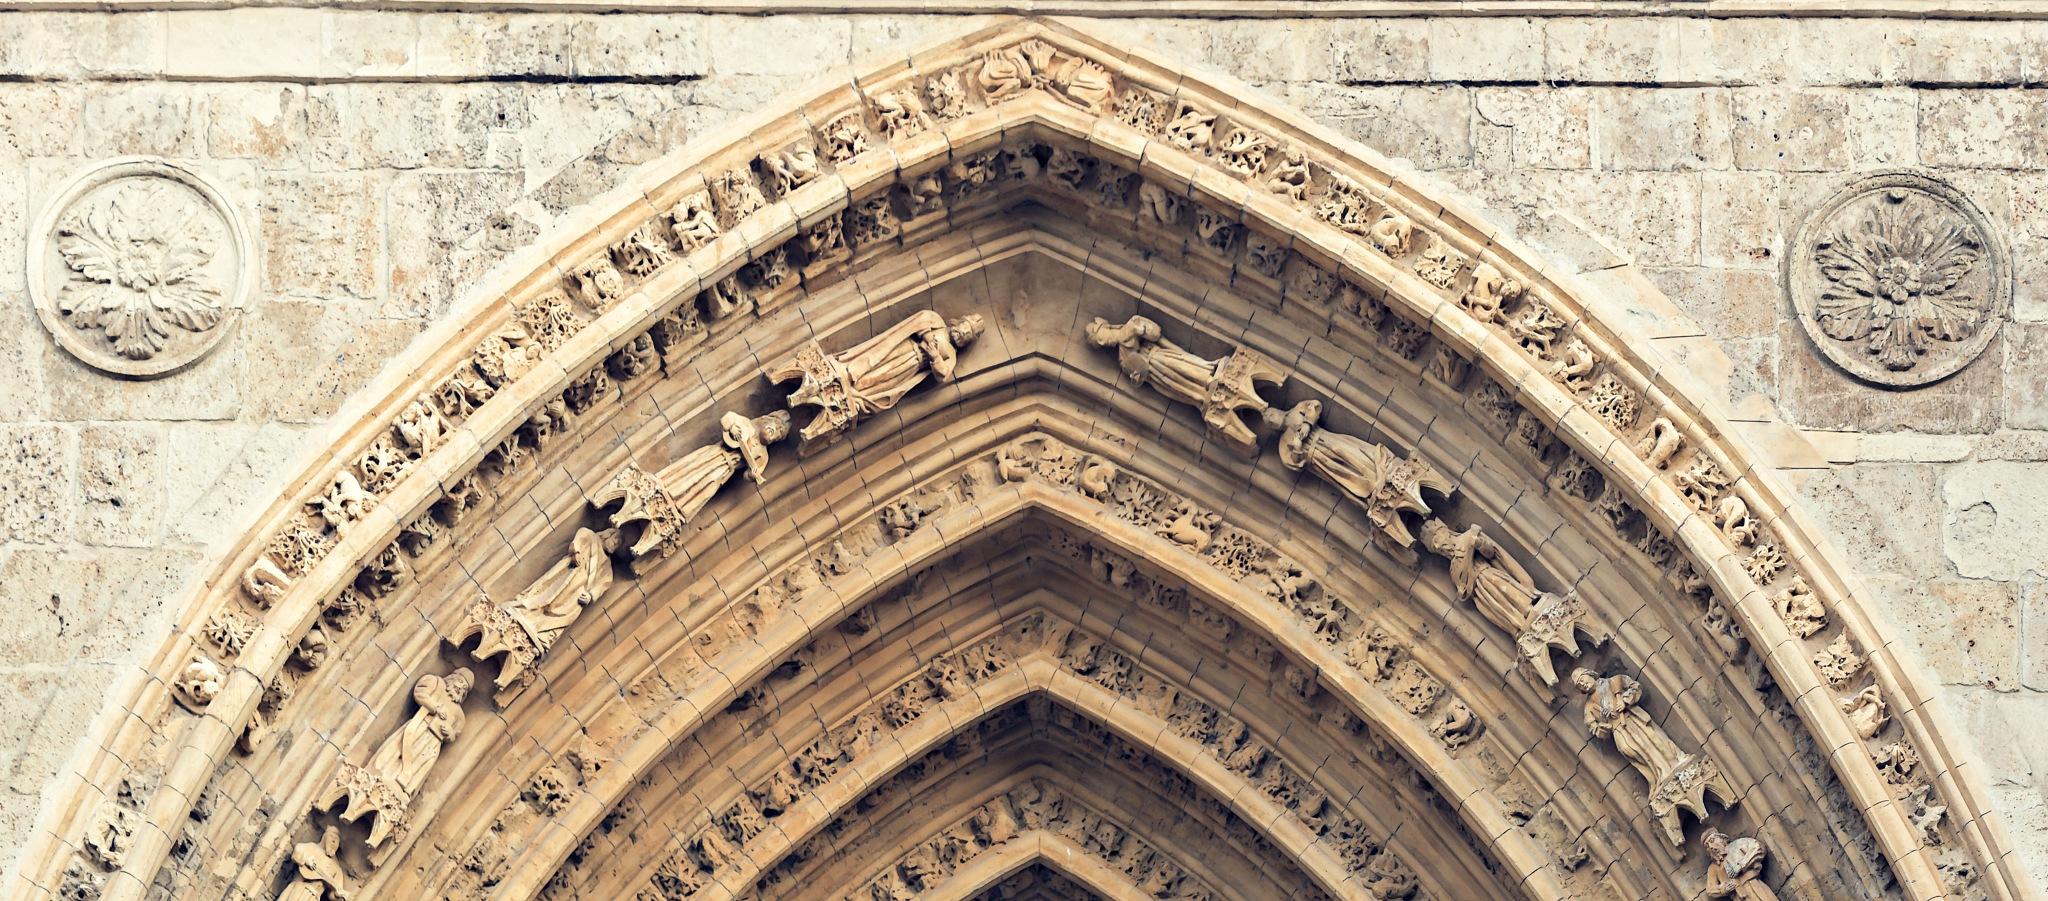 Catedral de Palencia: La Puerta de los Reyes, la piedra labrada (Detalle) by Torqueo